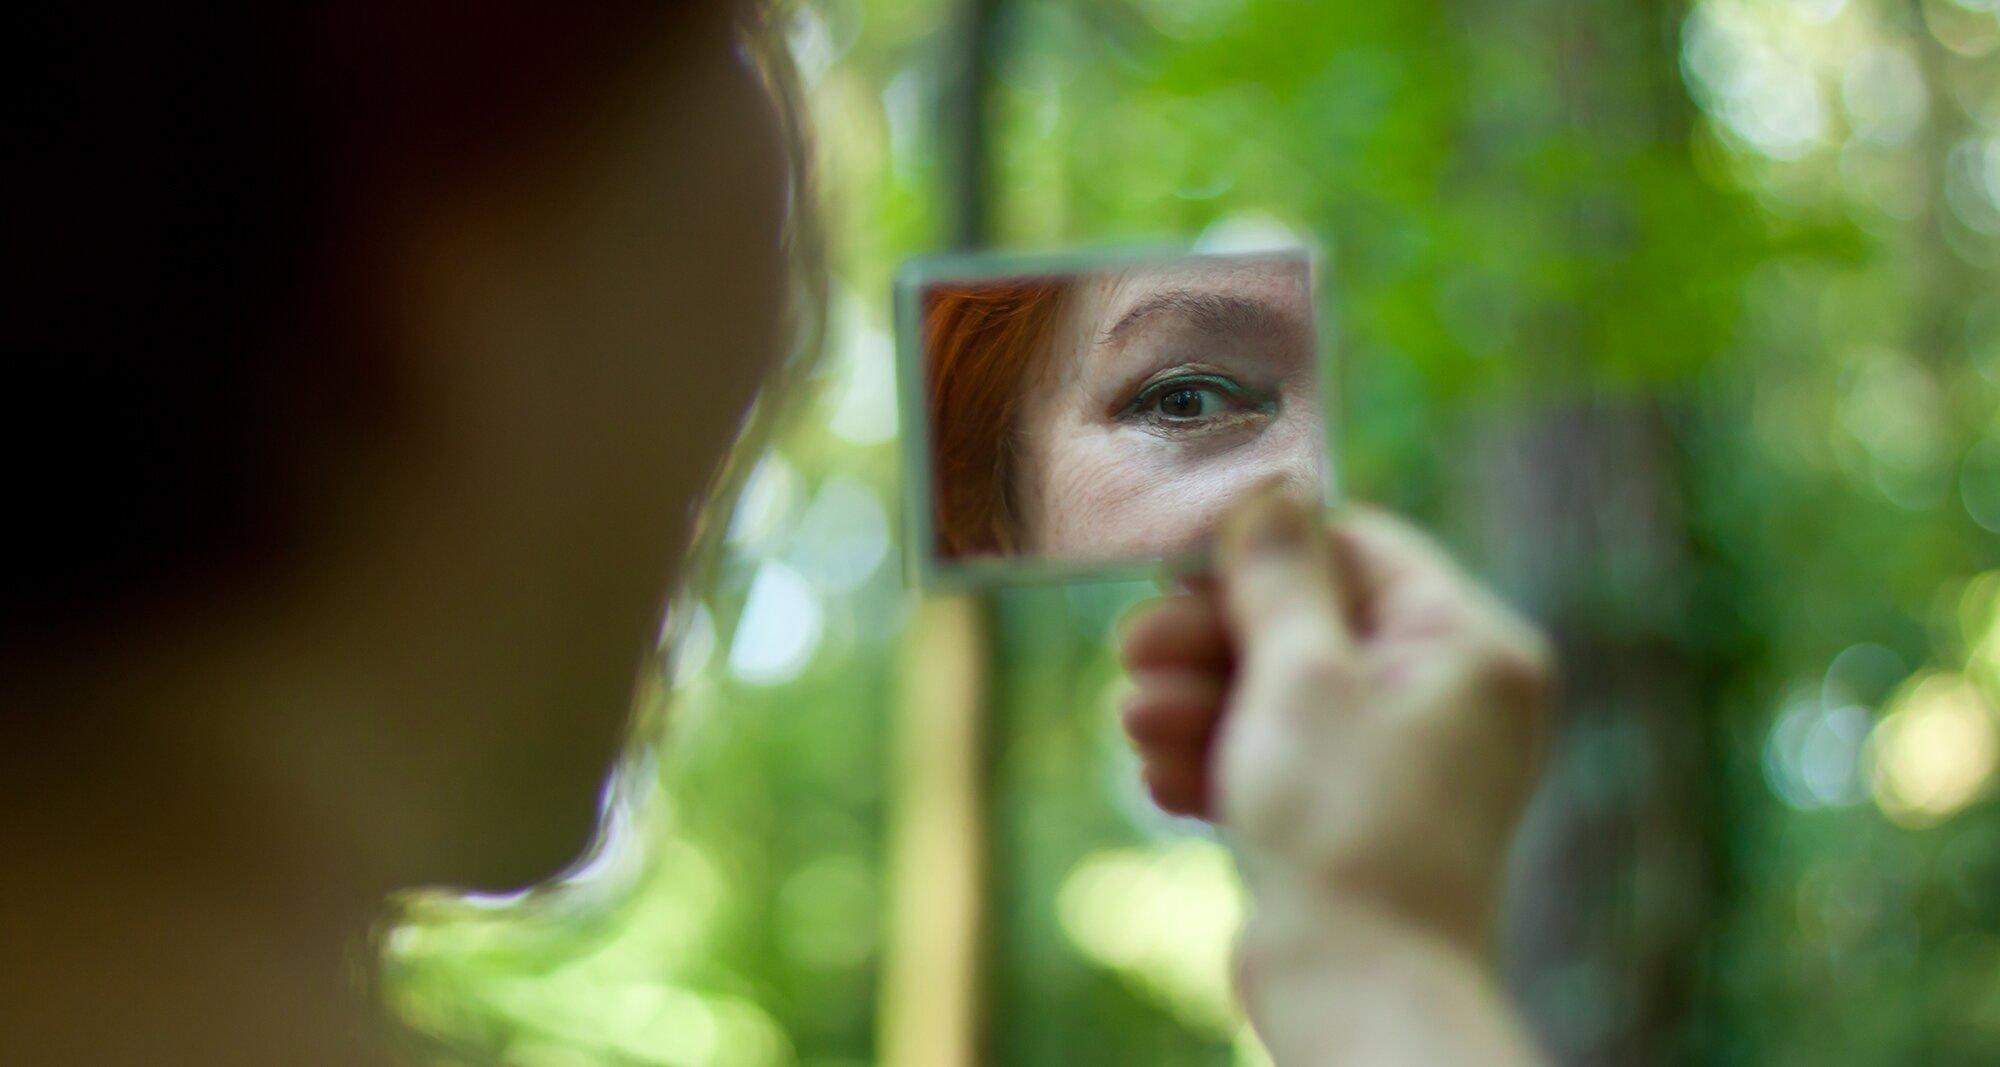 lustro Źródło: Małgorzata Skibińska, Contentplus.pl sp. zo.o., licencja: CC BY 3.0.